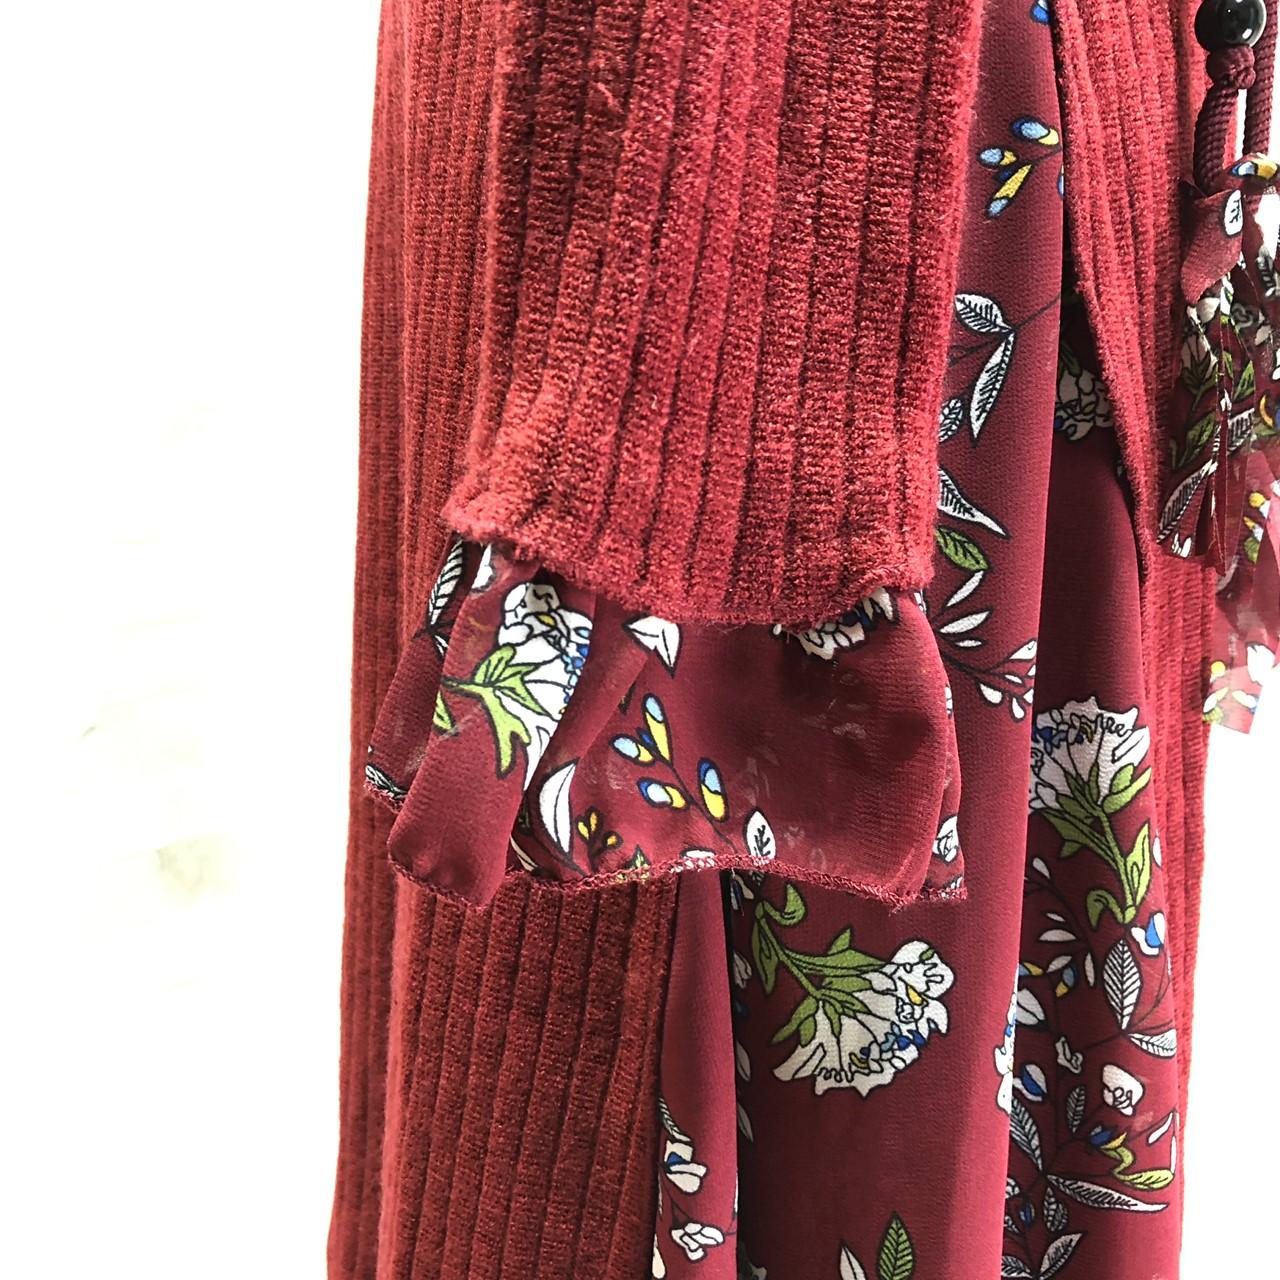 韓国 ファッション ワンピース パーティードレス ひざ丈 ミディアム 秋 冬 春 パーティー ブライダル PTXC498 結婚式 お呼ばれ ハイネック リブニット シフォン風 二次会 セレブ きれいめの写真15枚目